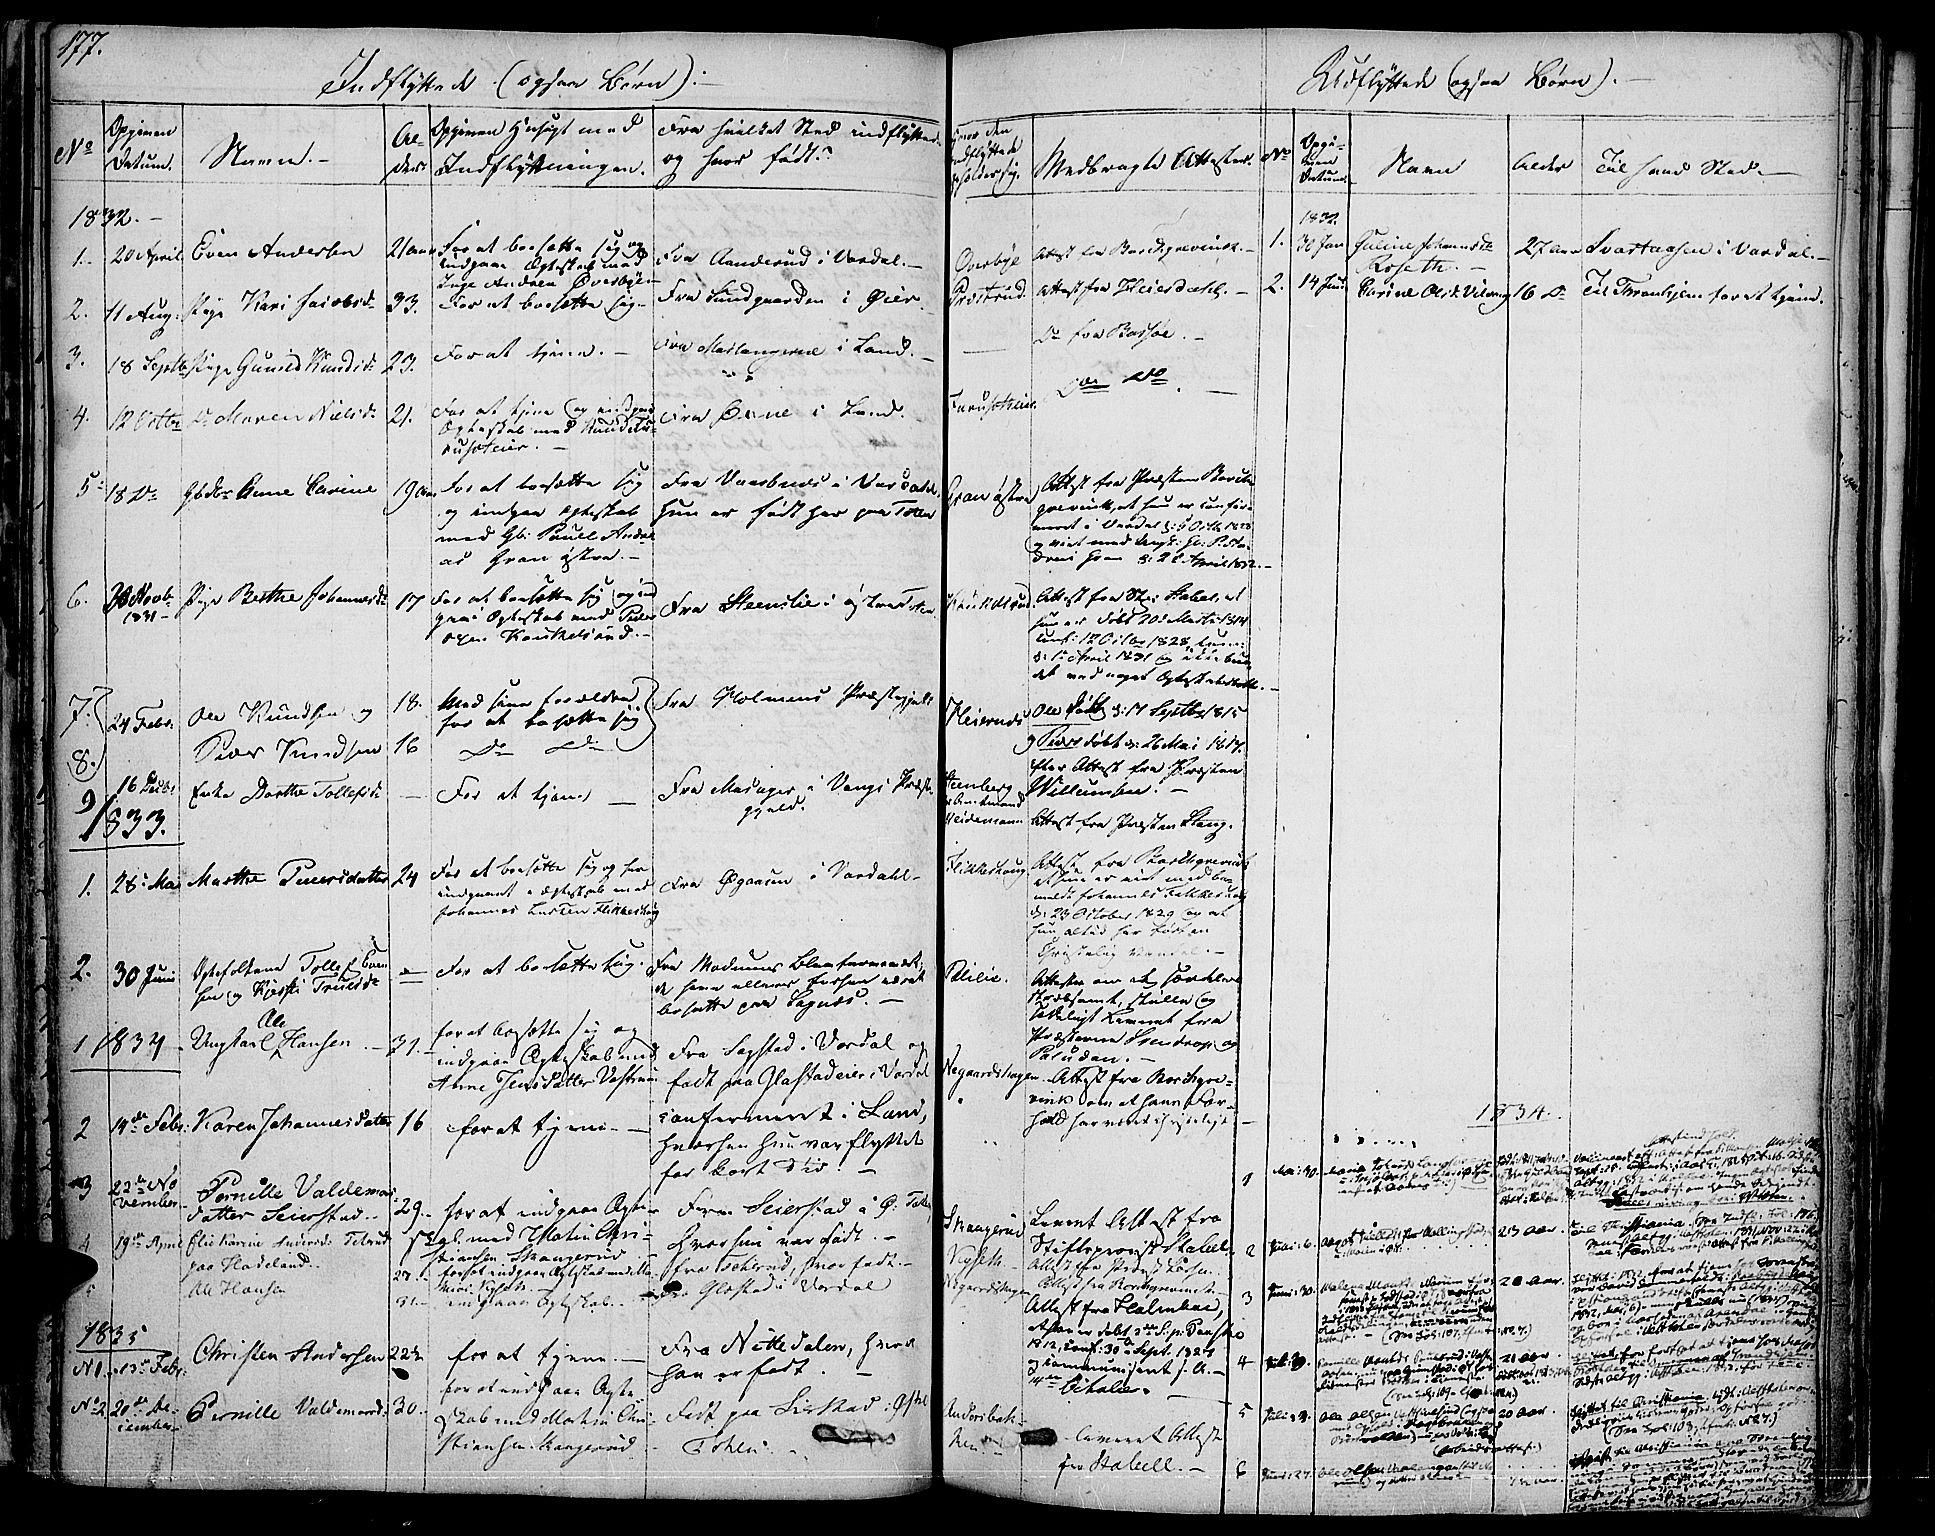 SAH, Vestre Toten prestekontor, Ministerialbok nr. 2, 1825-1837, s. 177